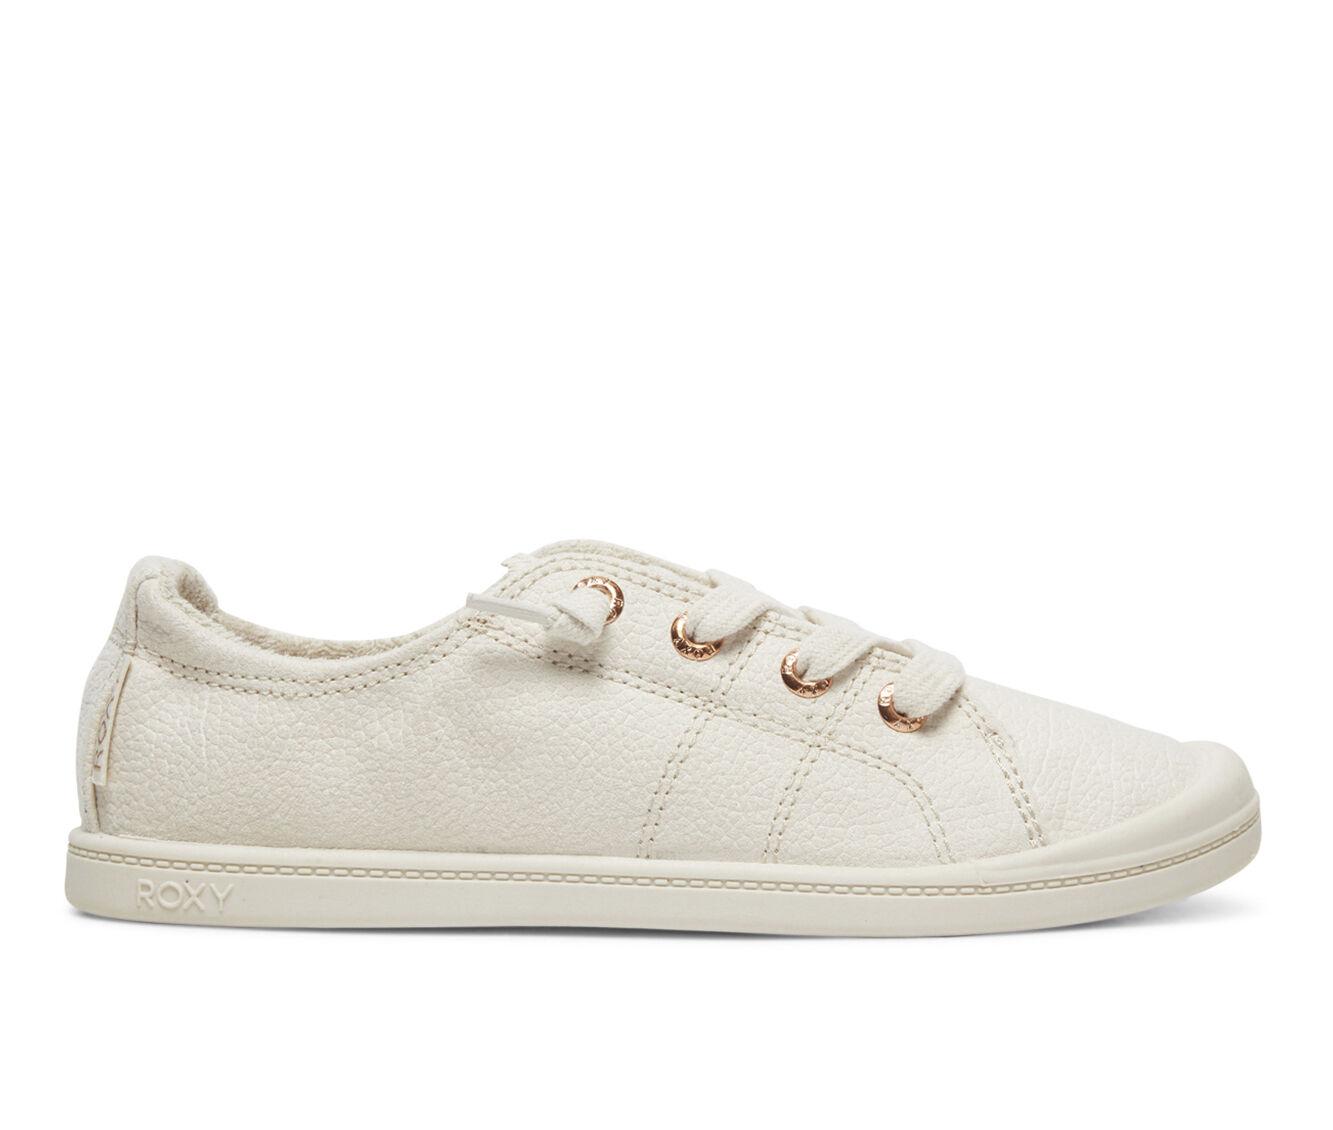 Women's Roxy Bayshore Sneakers Ochre